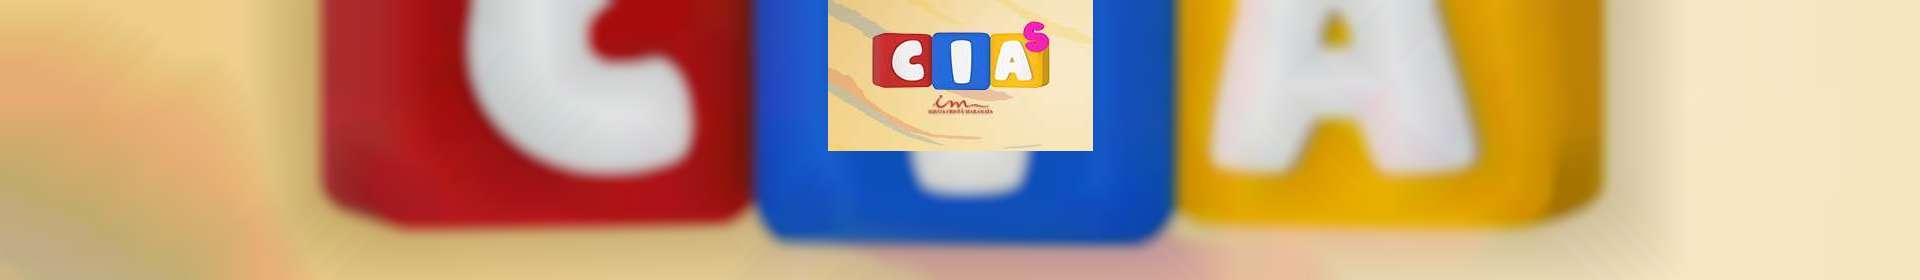 Aula de CIAS: classe de 07 a 11 anos - 07 de maio de 2020